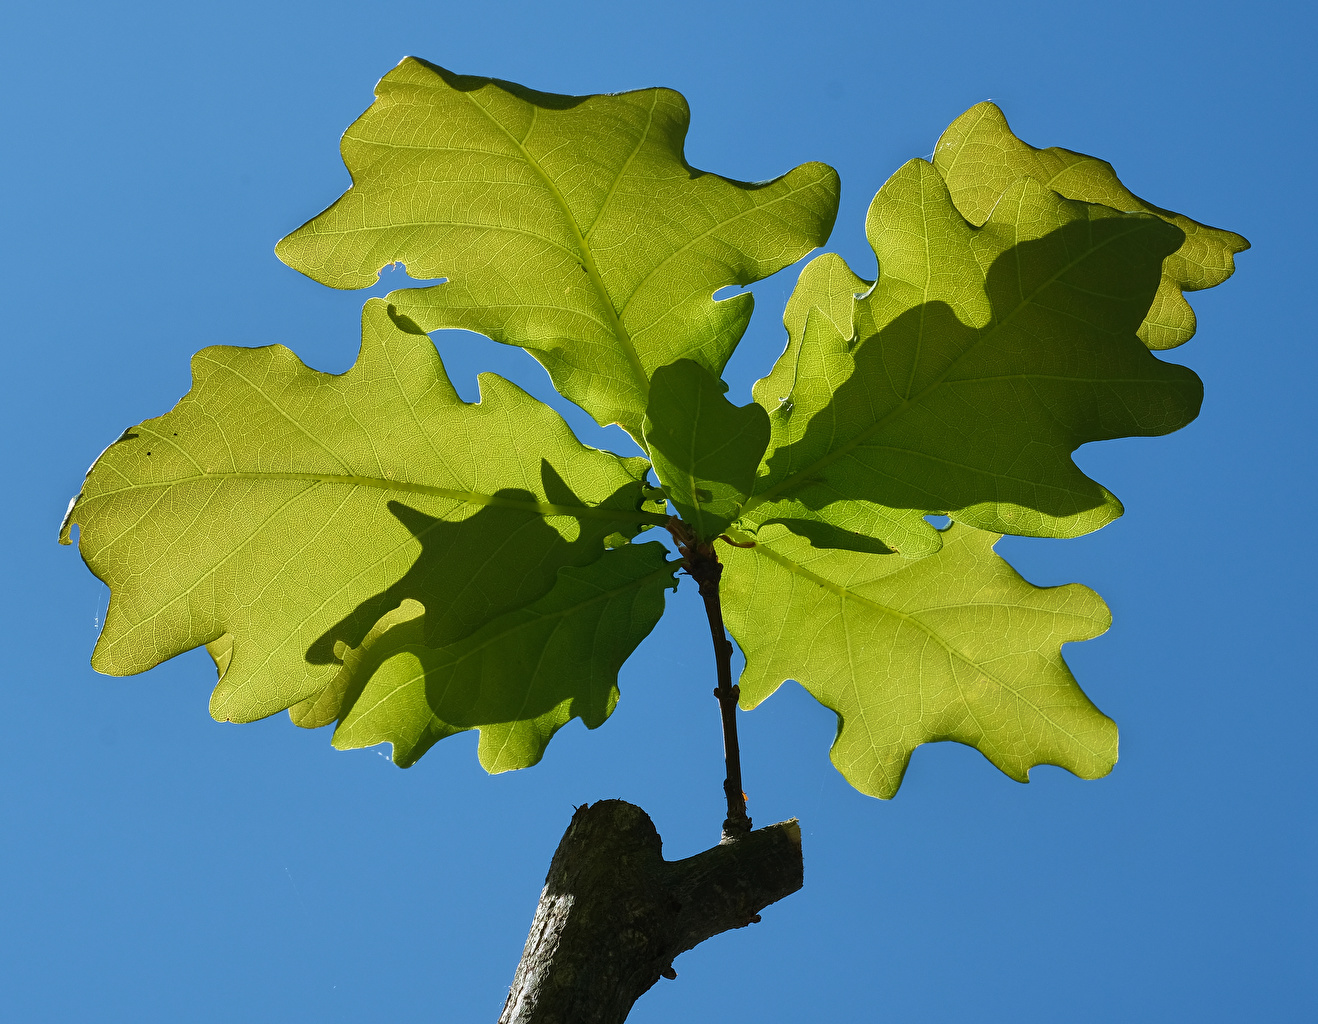 Фото лист Дуб Природа ветвь вблизи Листва Листья Ветки ветка на ветке Крупным планом